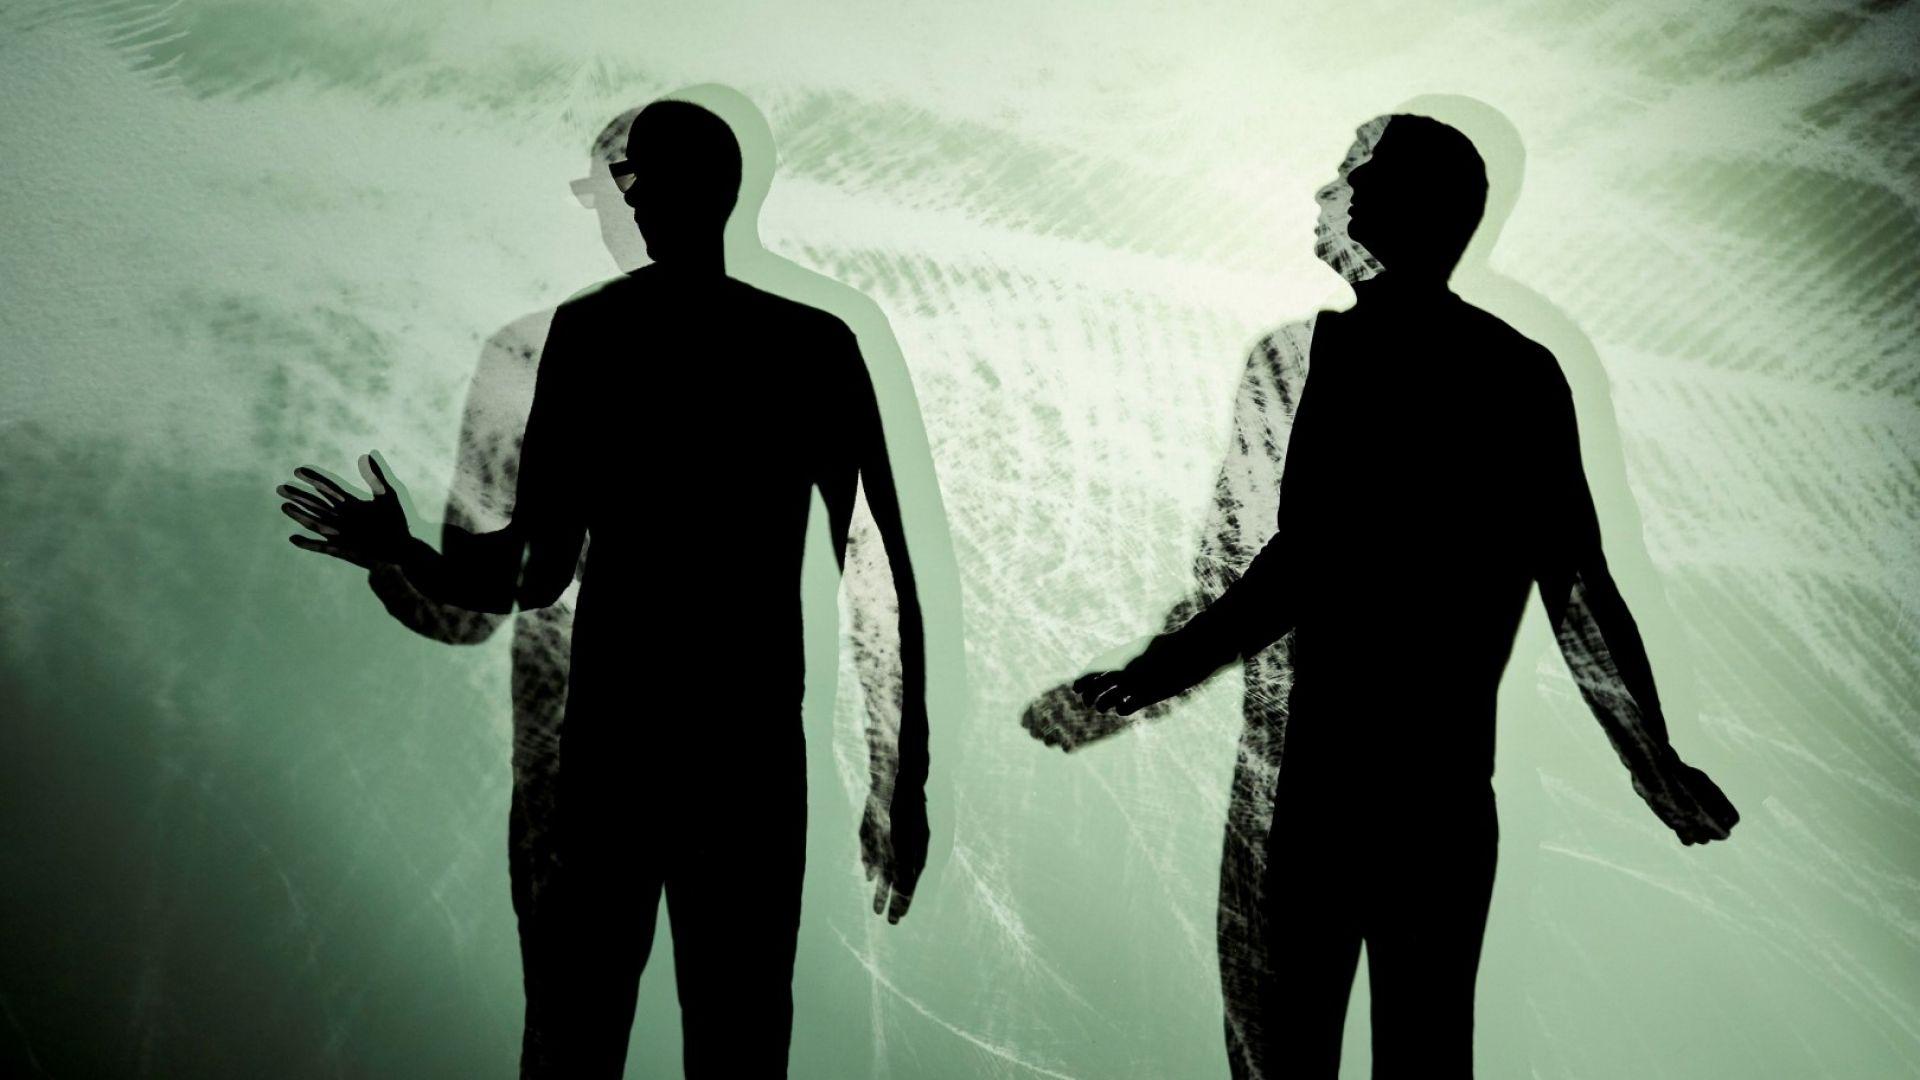 """The Chemical Brothers със световна премиера на новата версия на """"Hey Boy Hey Girl"""" в София"""